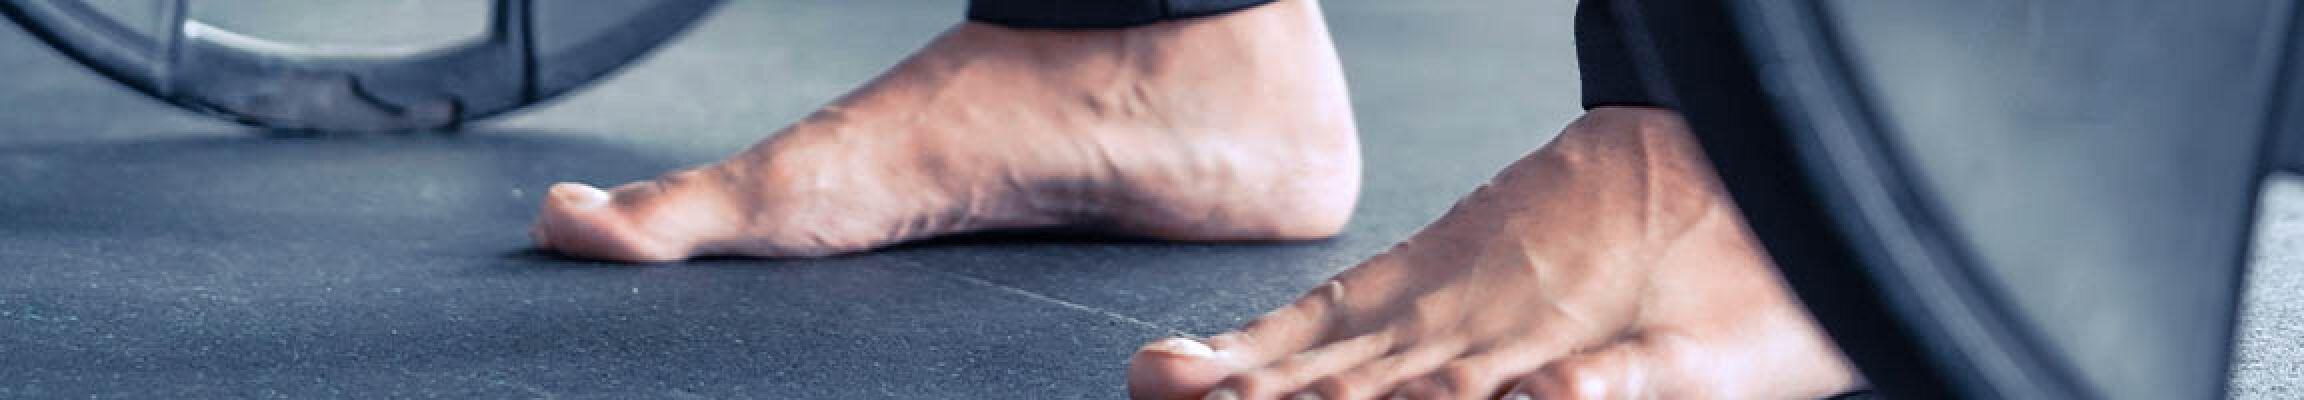 Gewichtheberschuhe oder barfuß